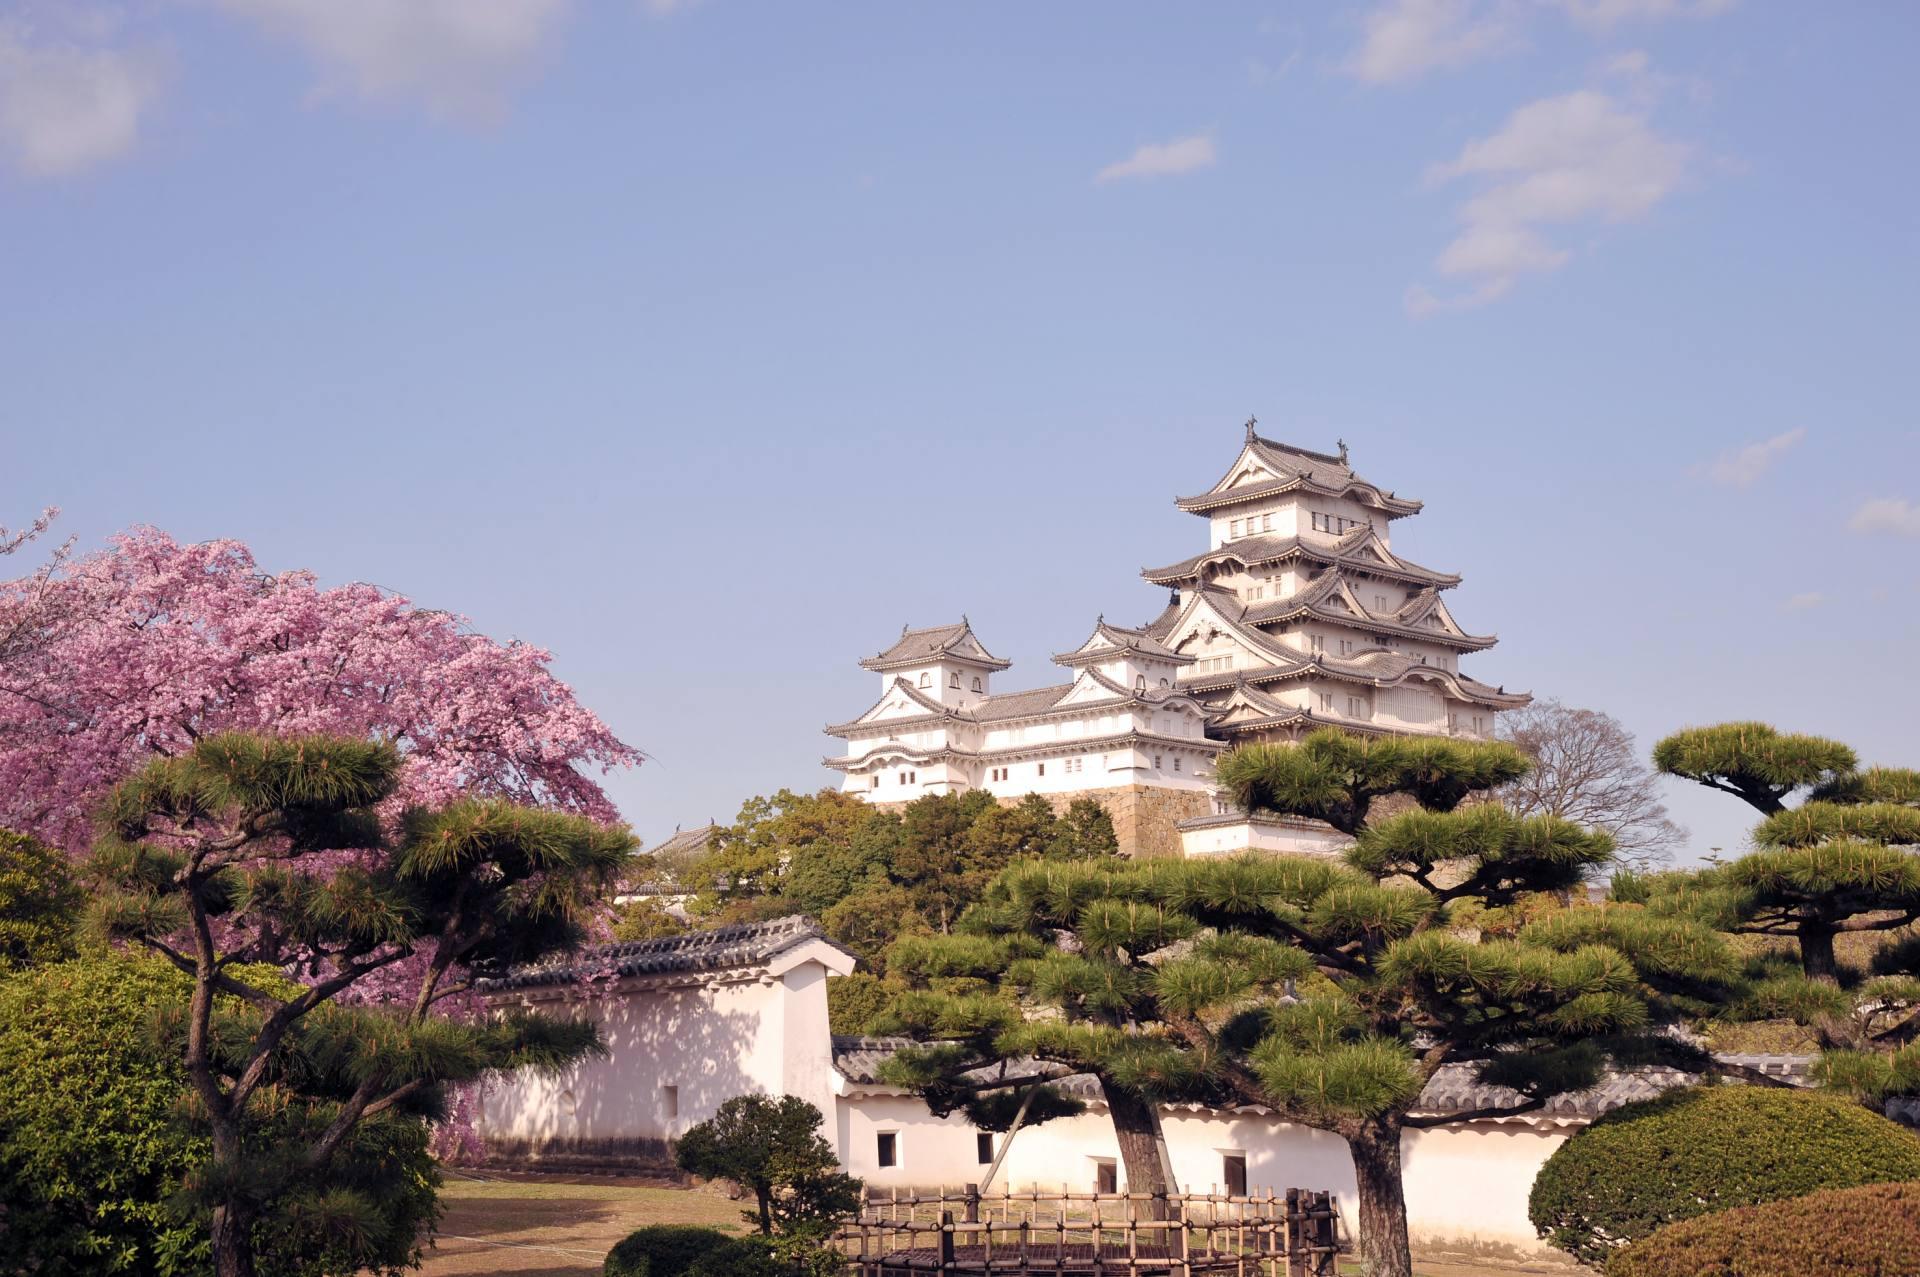 姫路城(兵库县)、国宝&世界文化遗产